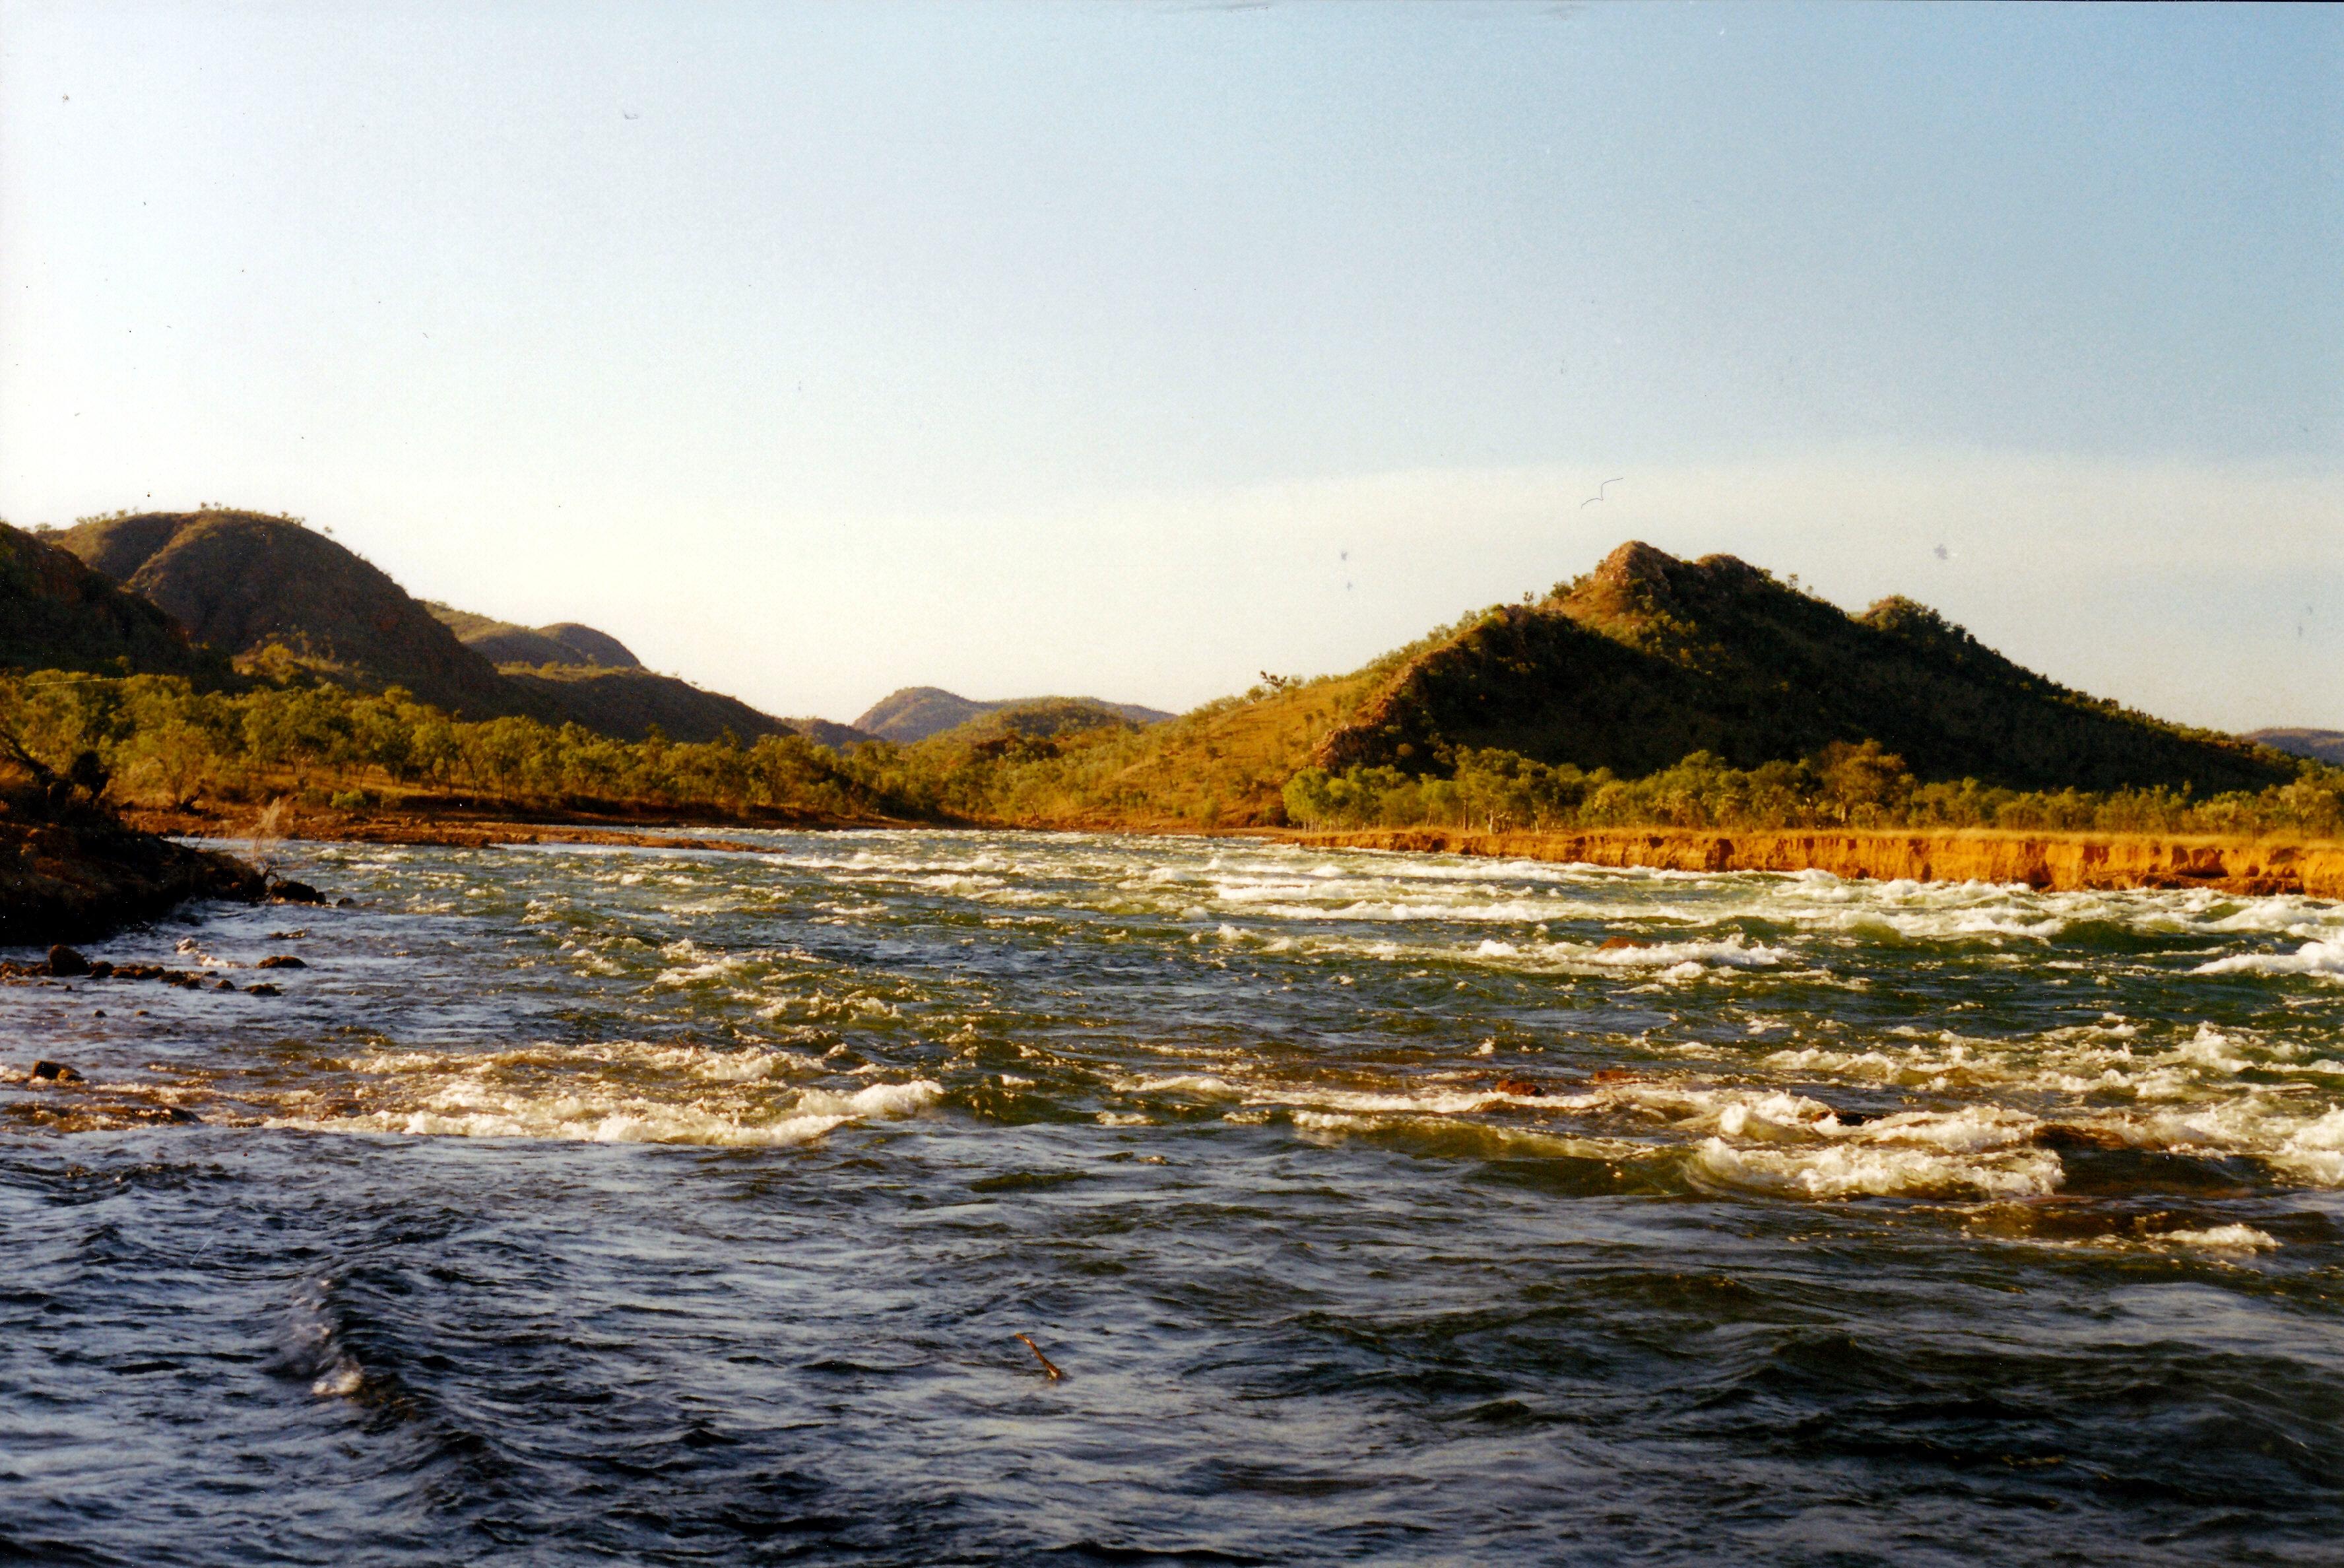 06-27-2000 06 Lake Argyle spillway creek raging.jpg